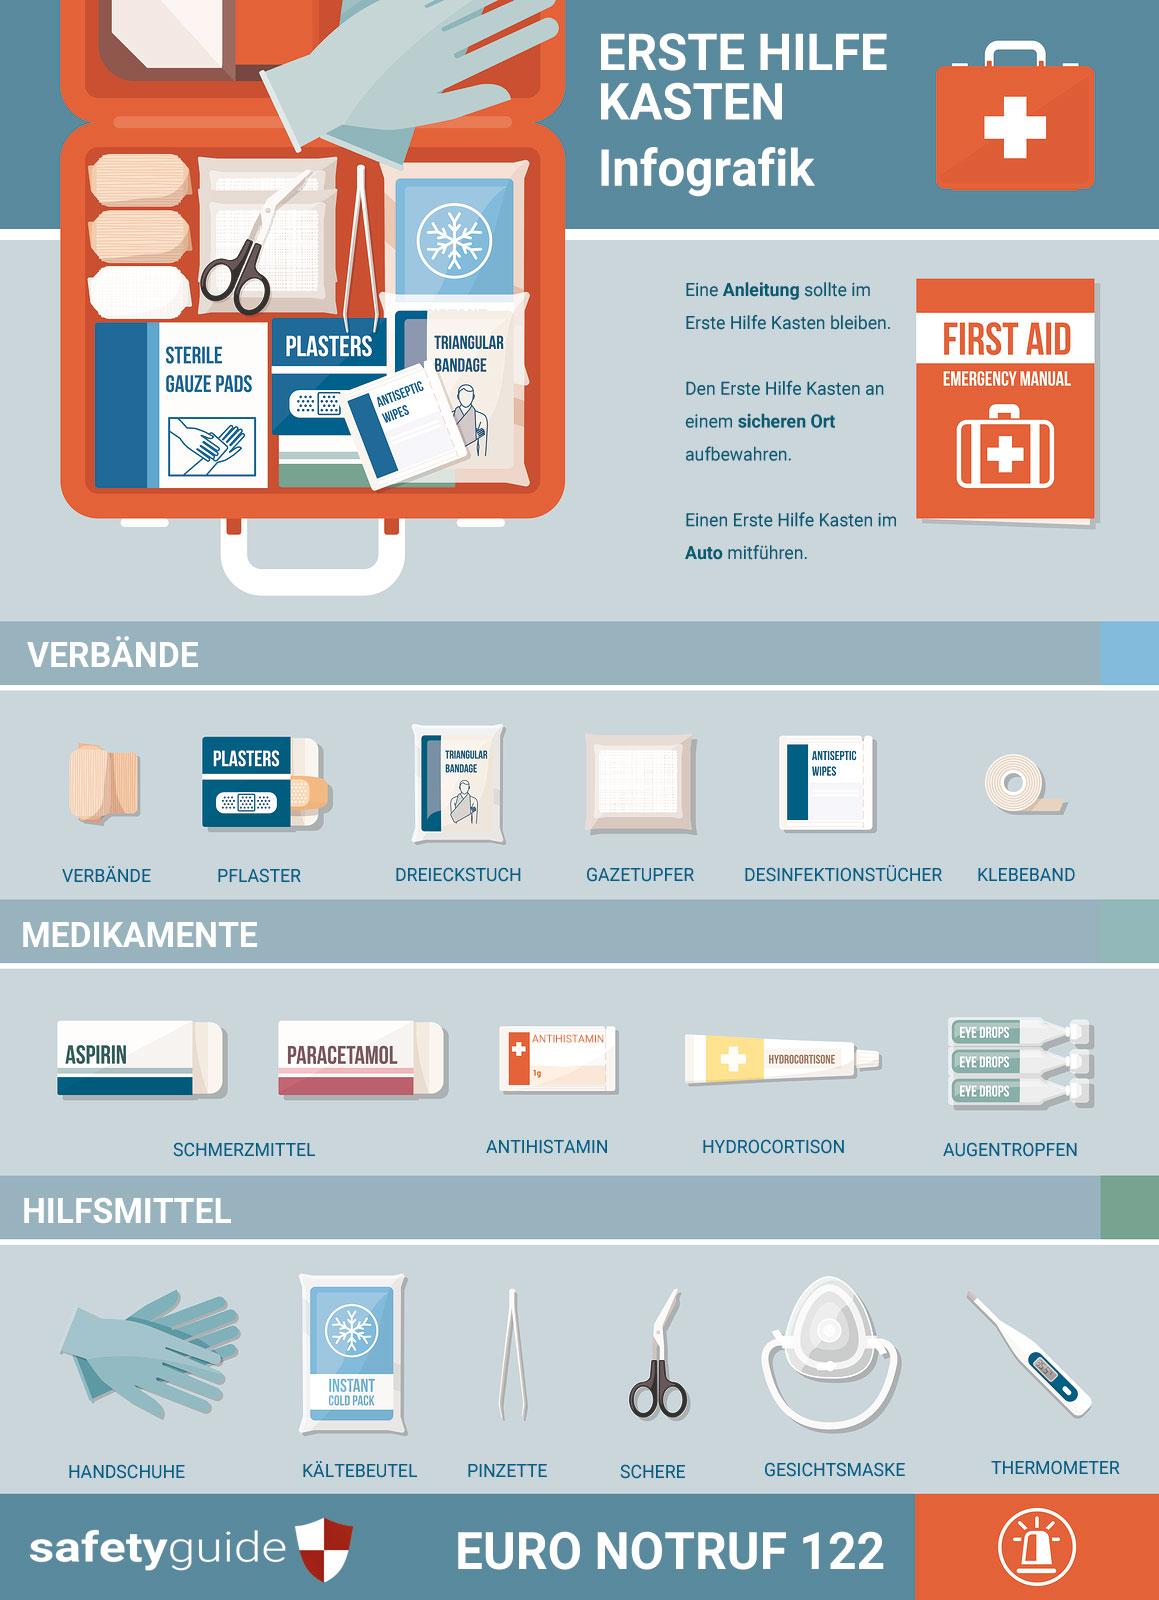 erste-hilfe-kasten-infografik-safetyguide